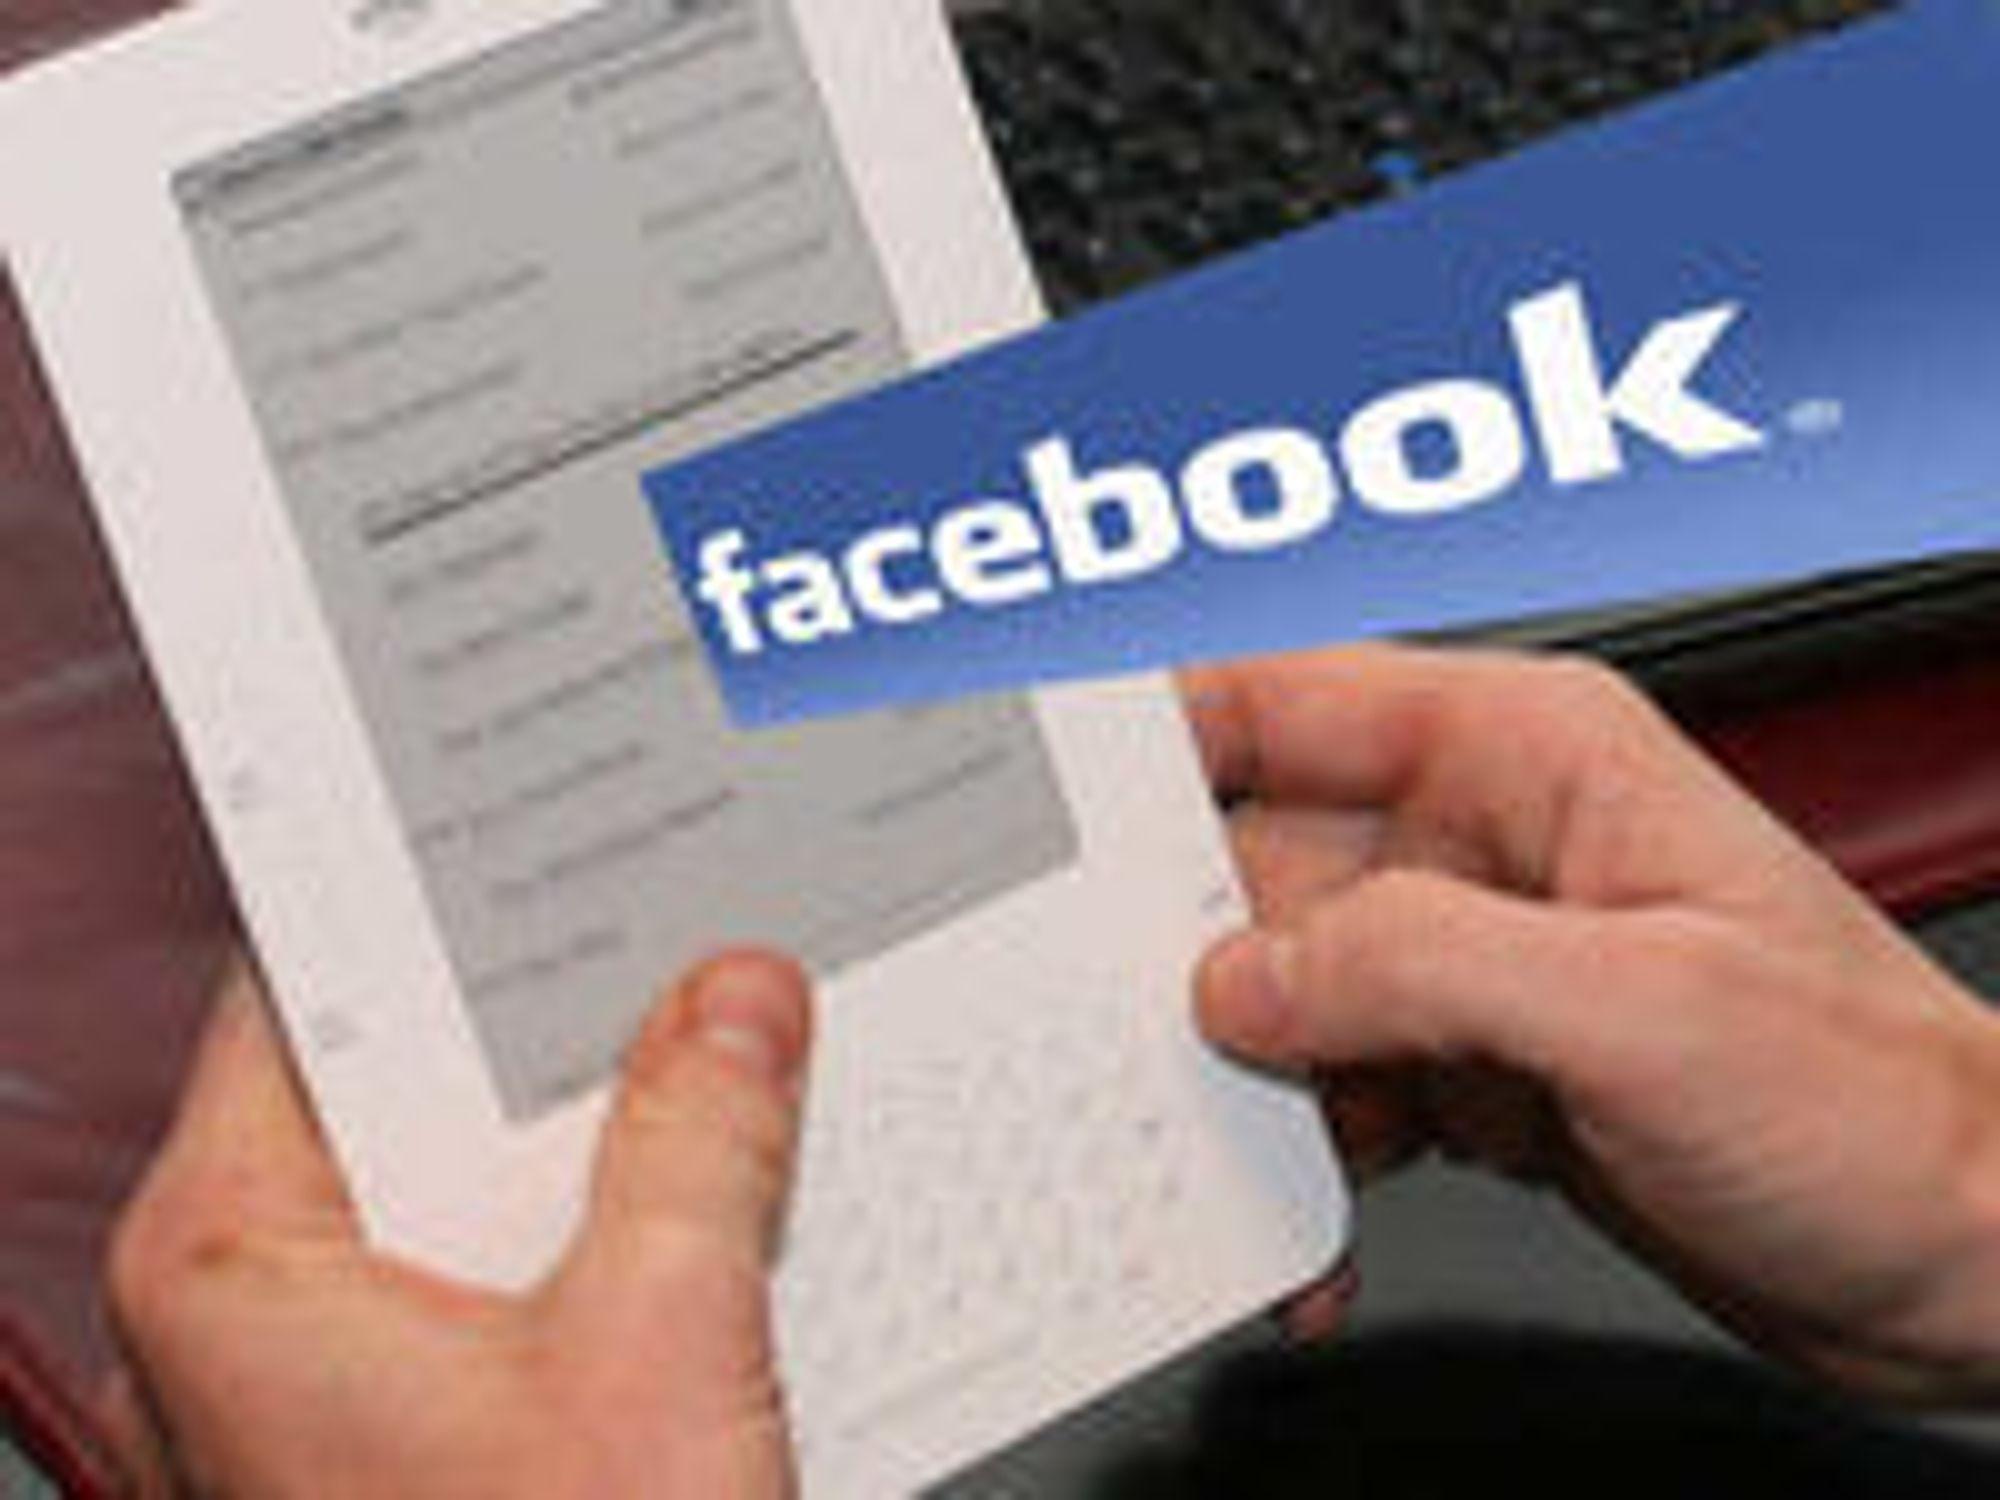 Facebook er blant de forbudte tjenestene som 3G-utgaven av Kindle gir tilgang til i Kina.